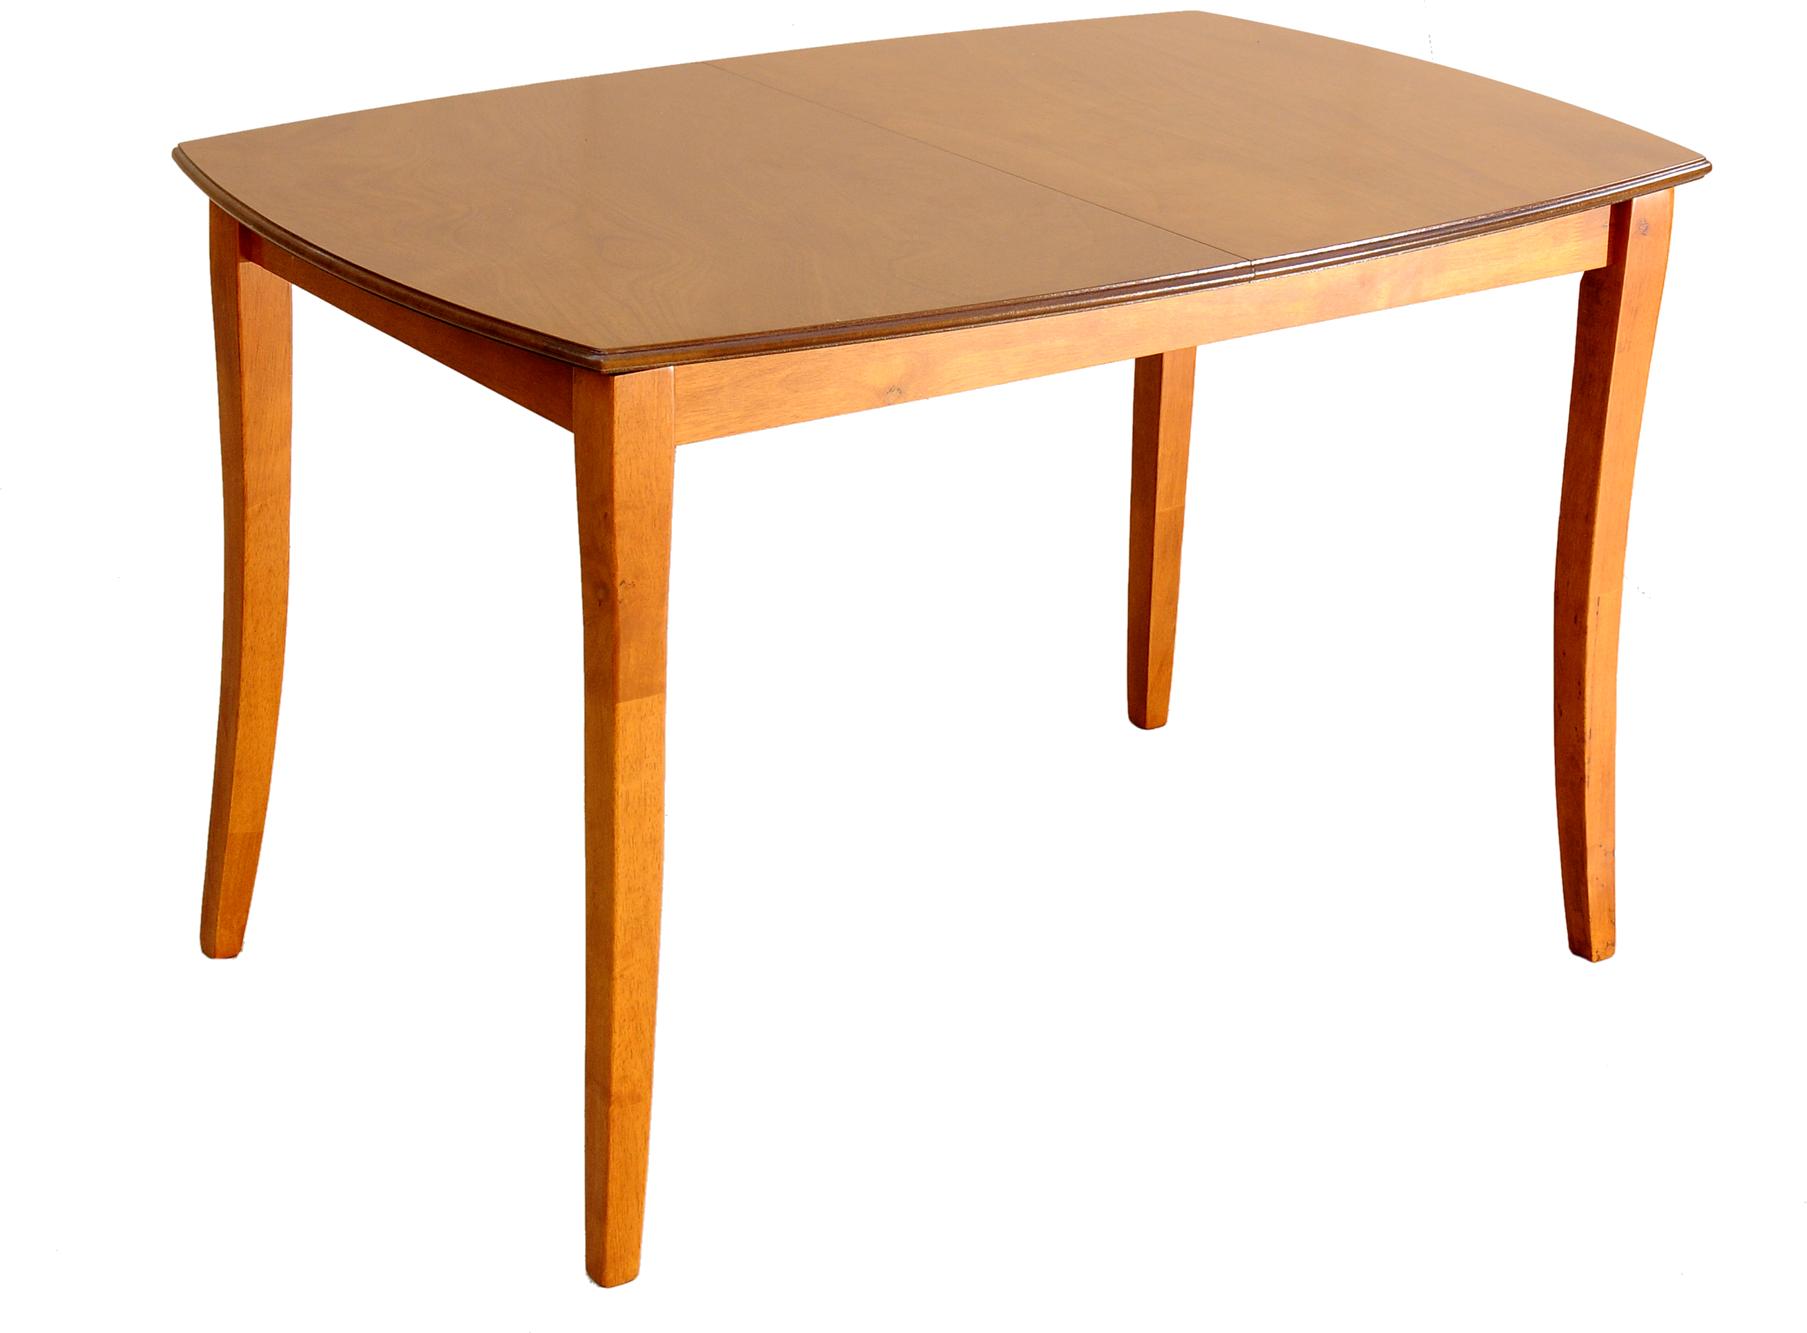 Table clip art.